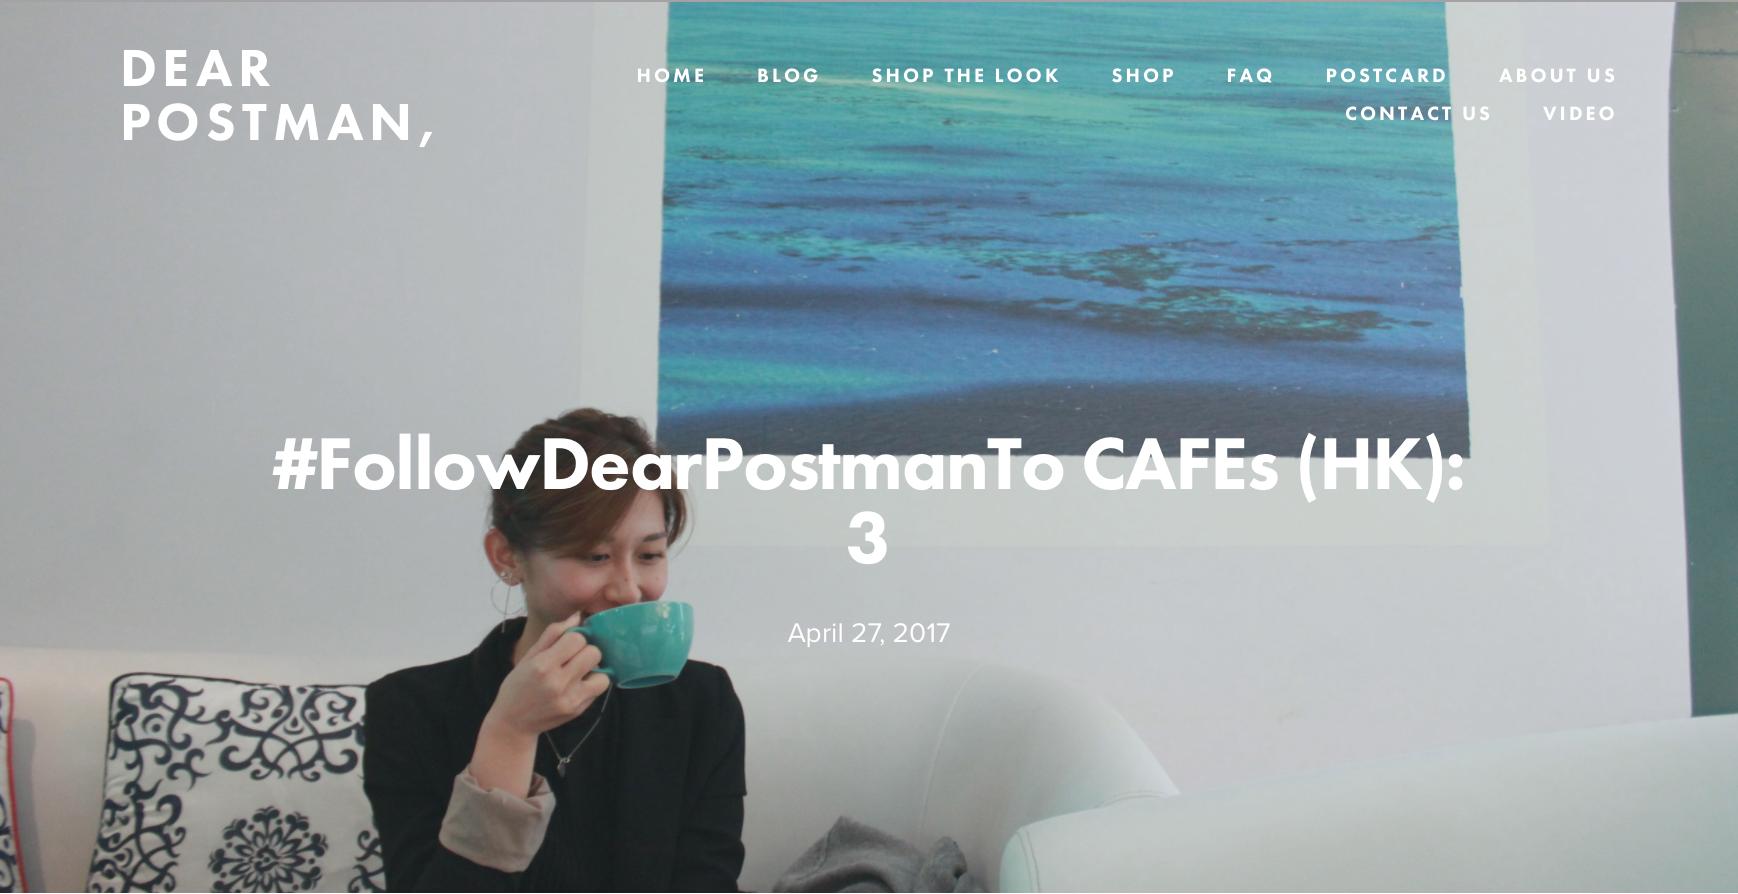 #FollowDearPostmanTo CAFEs (HK): 3